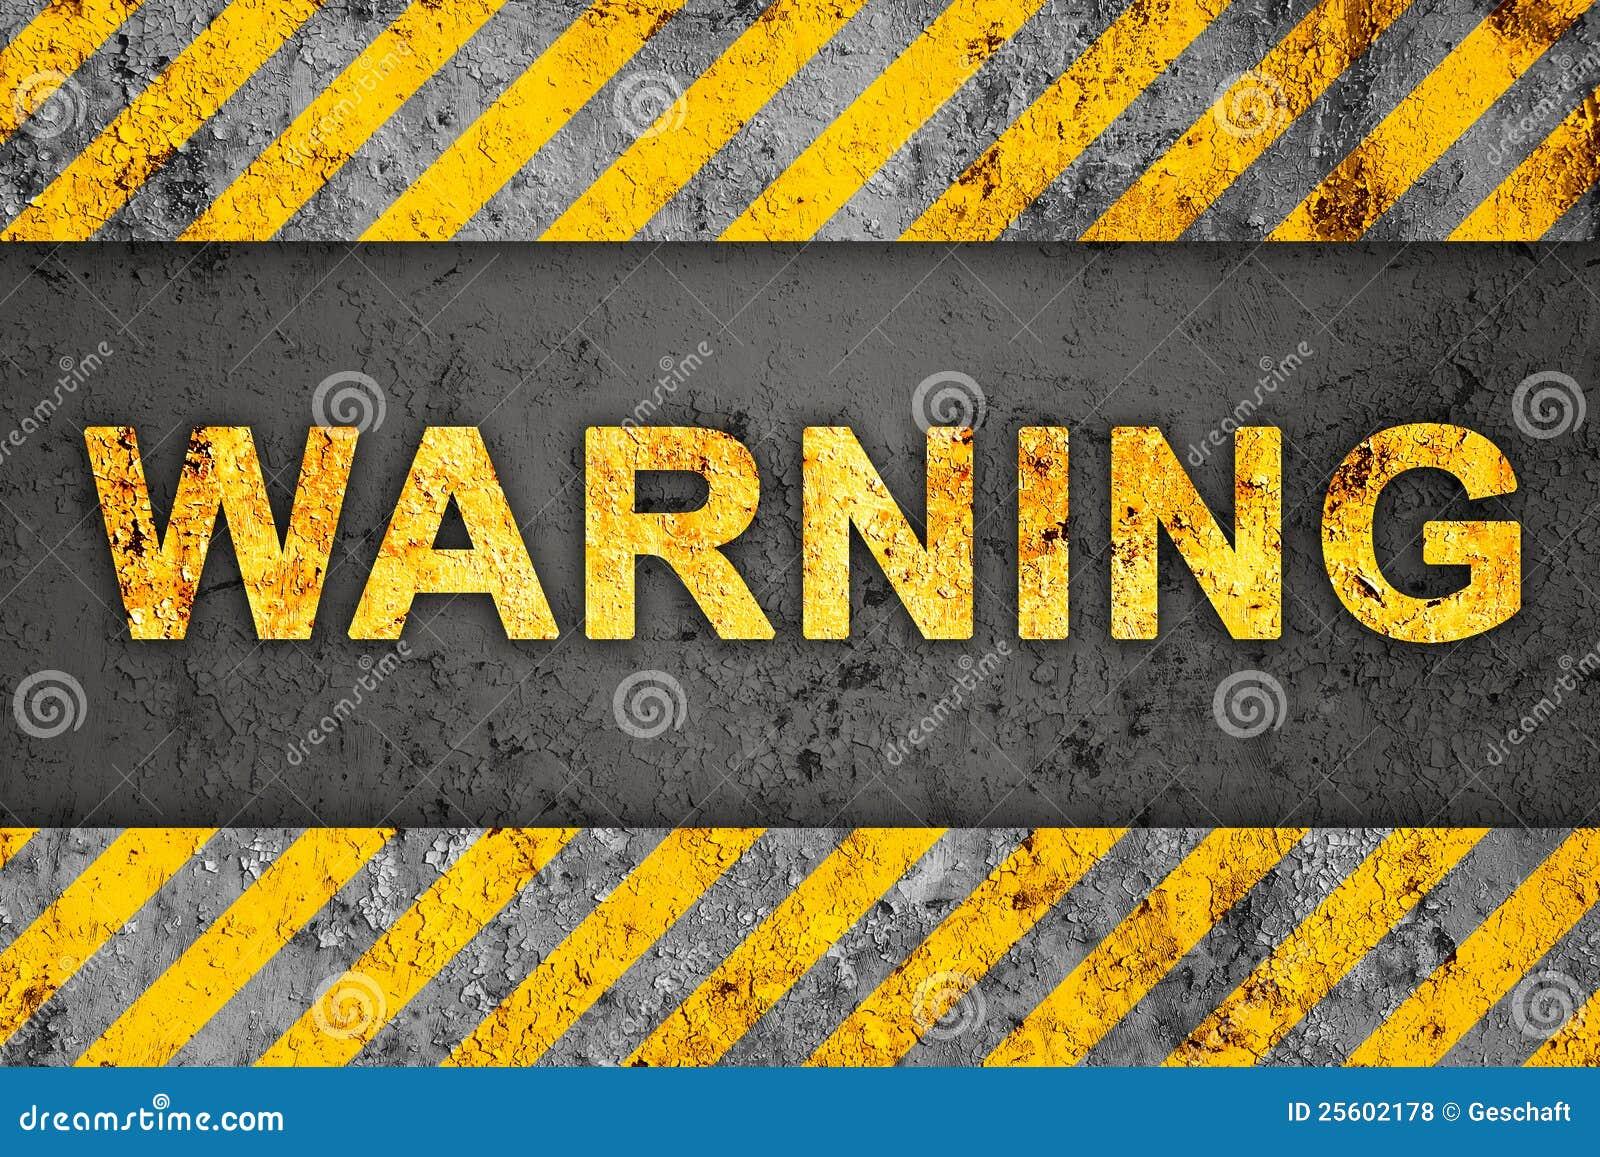 text warning black background - photo #17